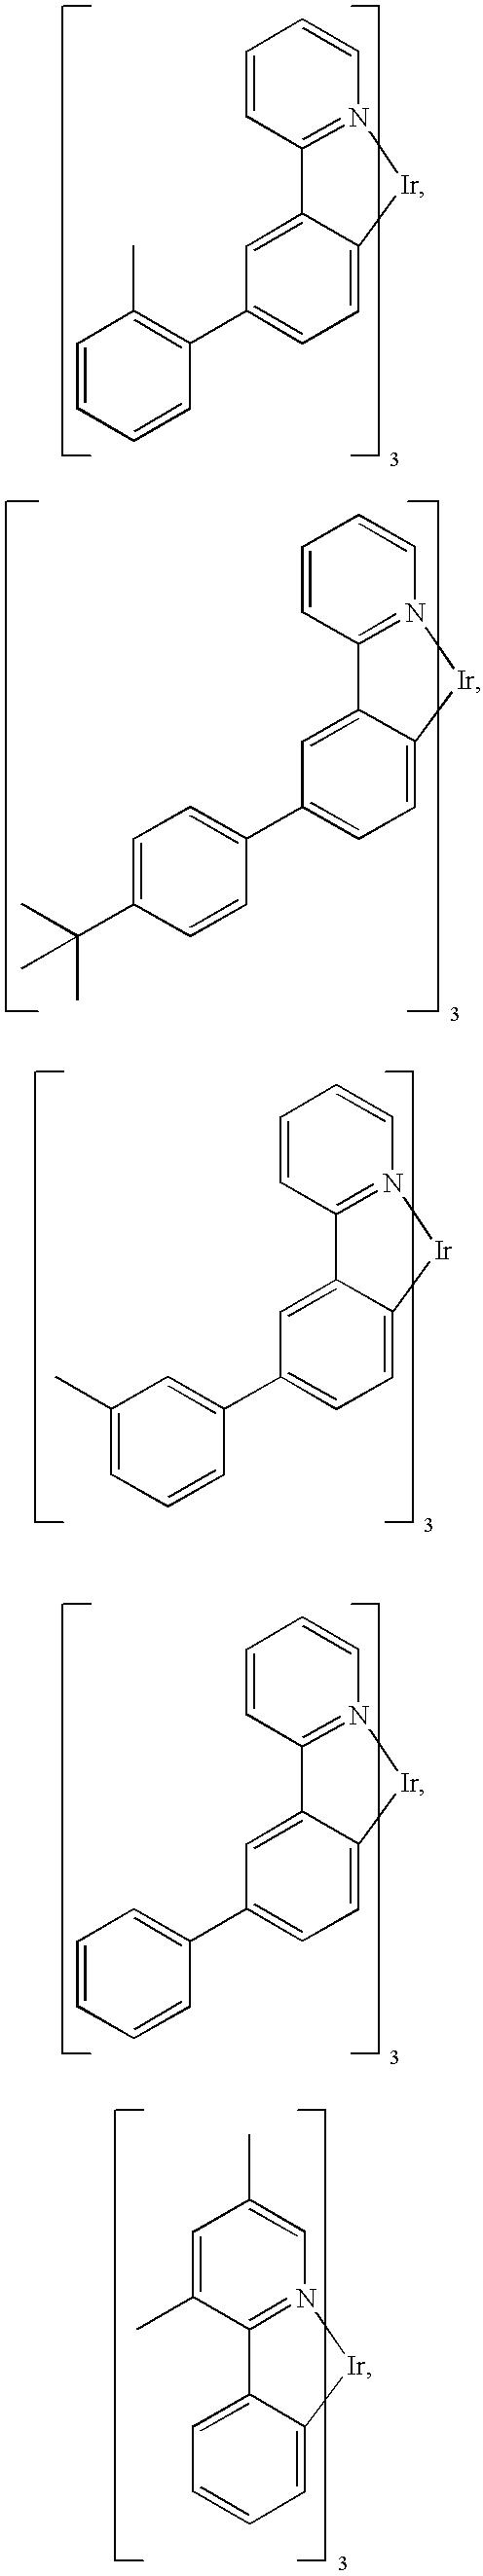 Figure US20070003789A1-20070104-C00126